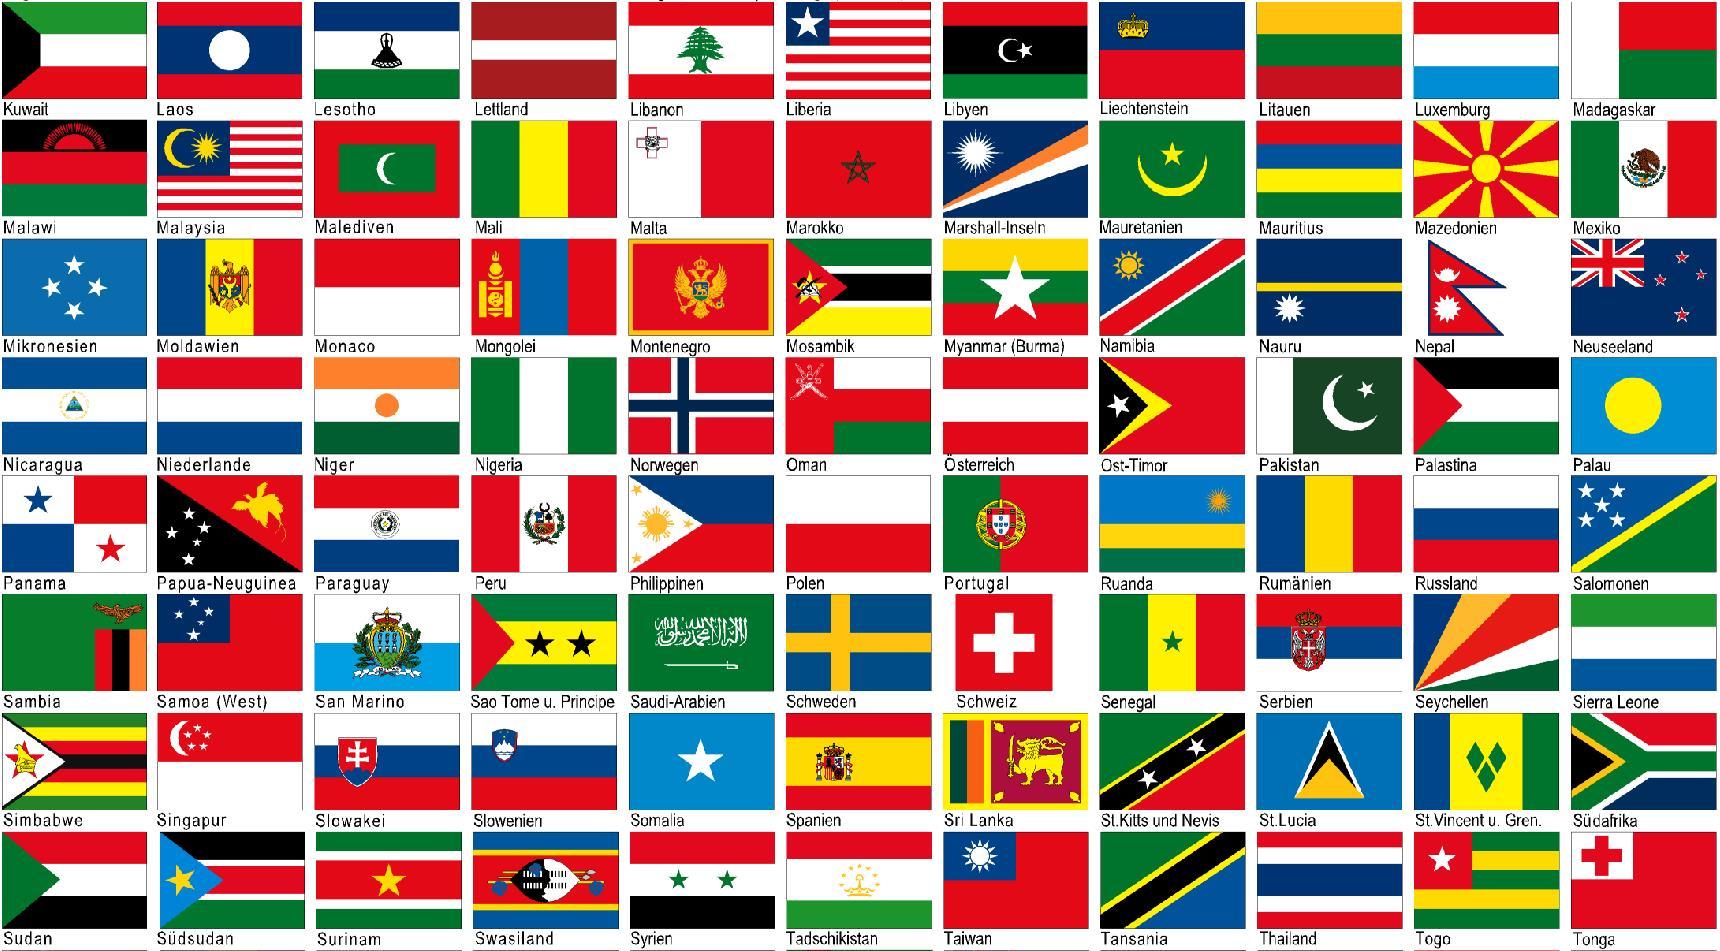 Fahnen Der Länder